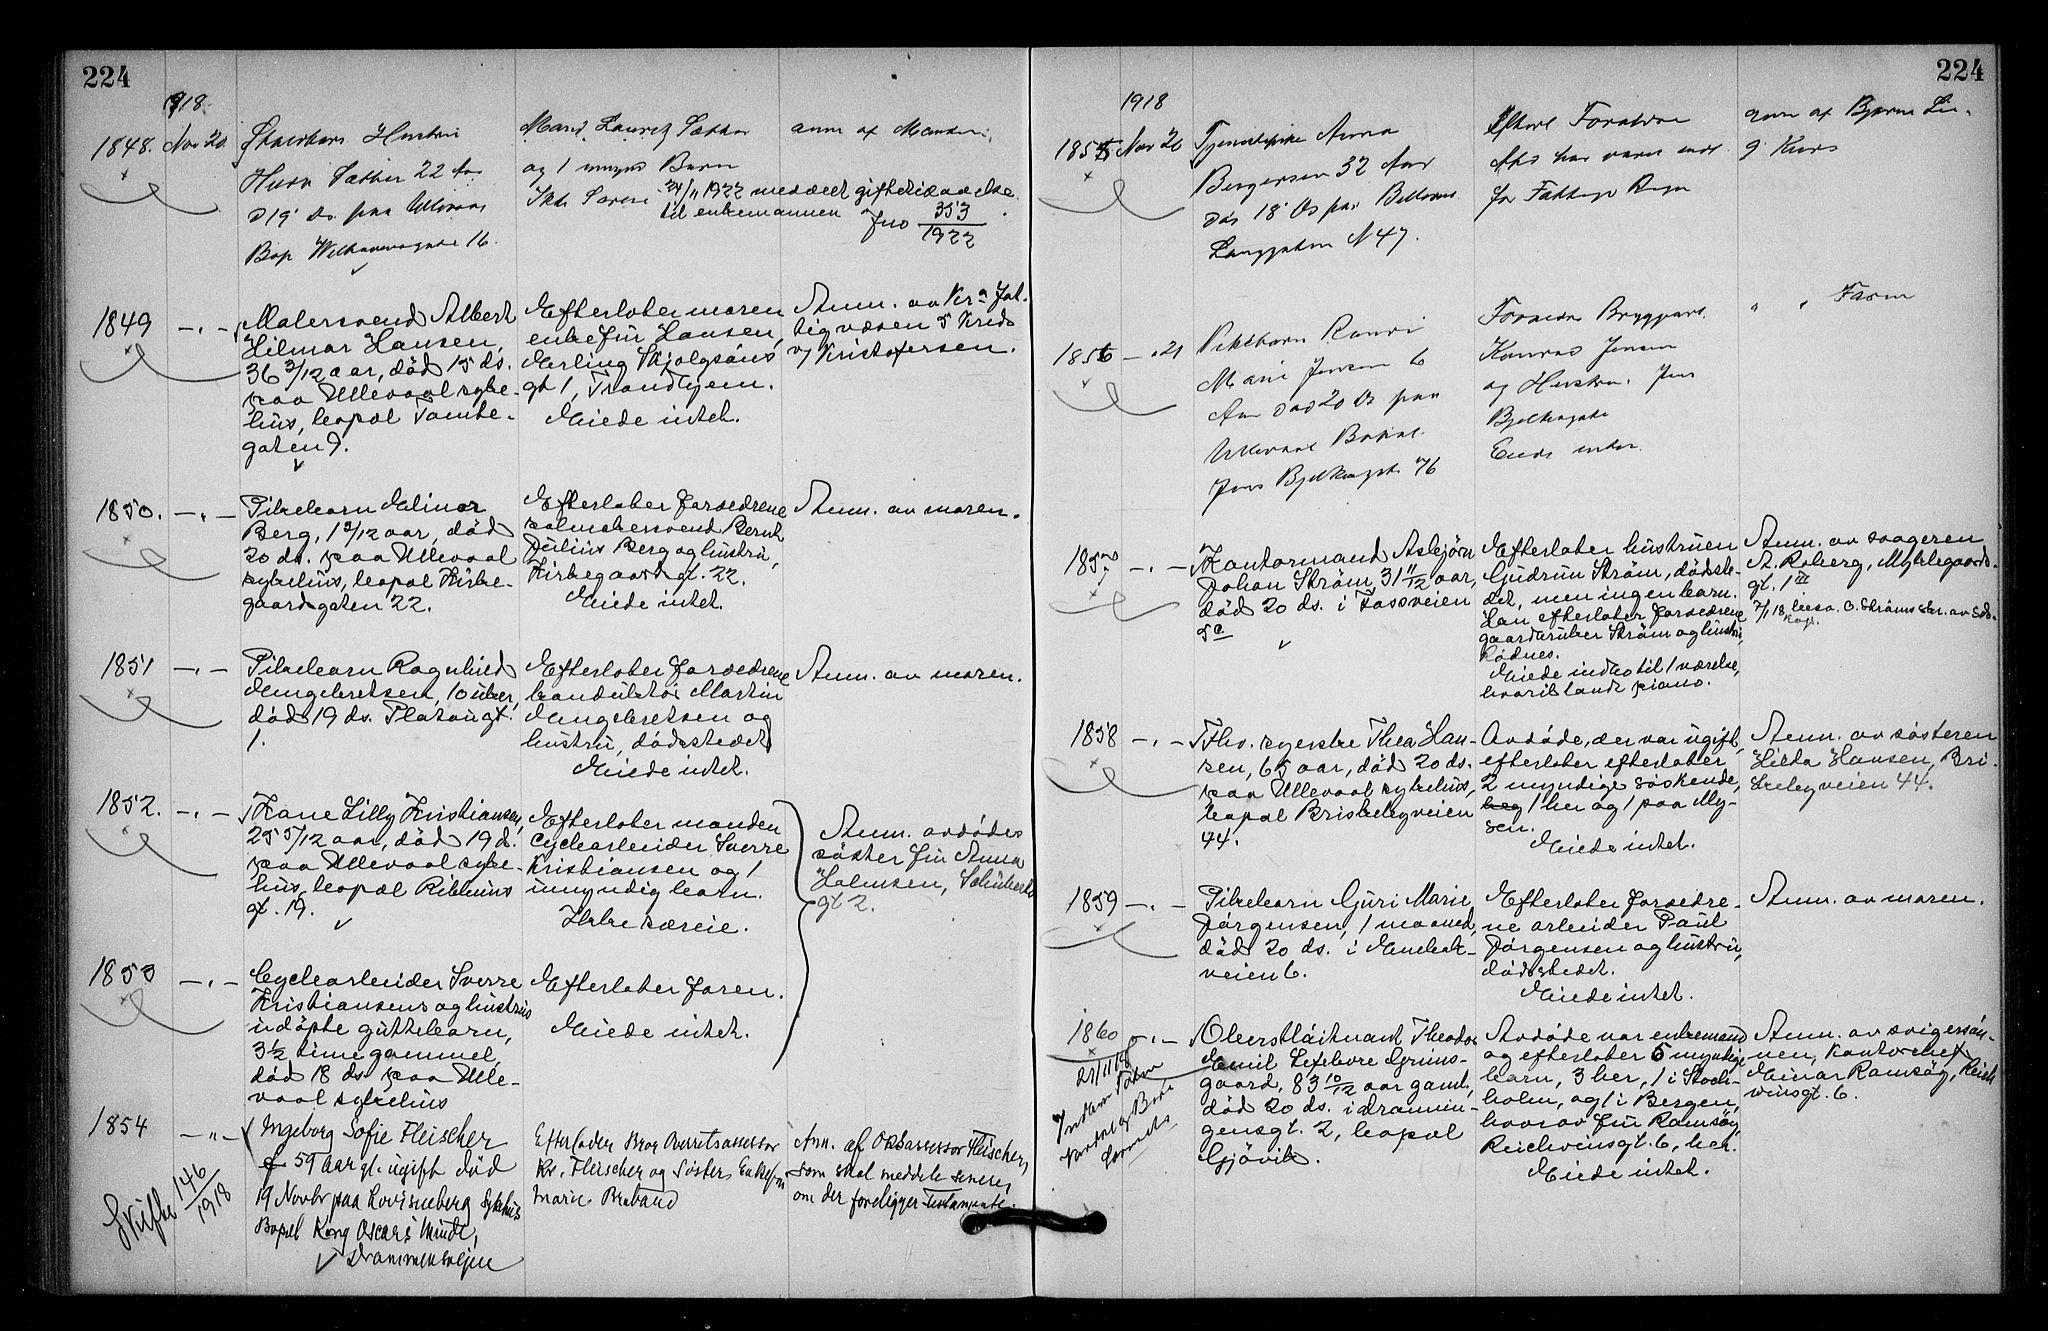 SAO, Oslo skifterett, G/Ga/Gac/L0009: Dødsfallsprotokoll, 1917-1919, s. 224